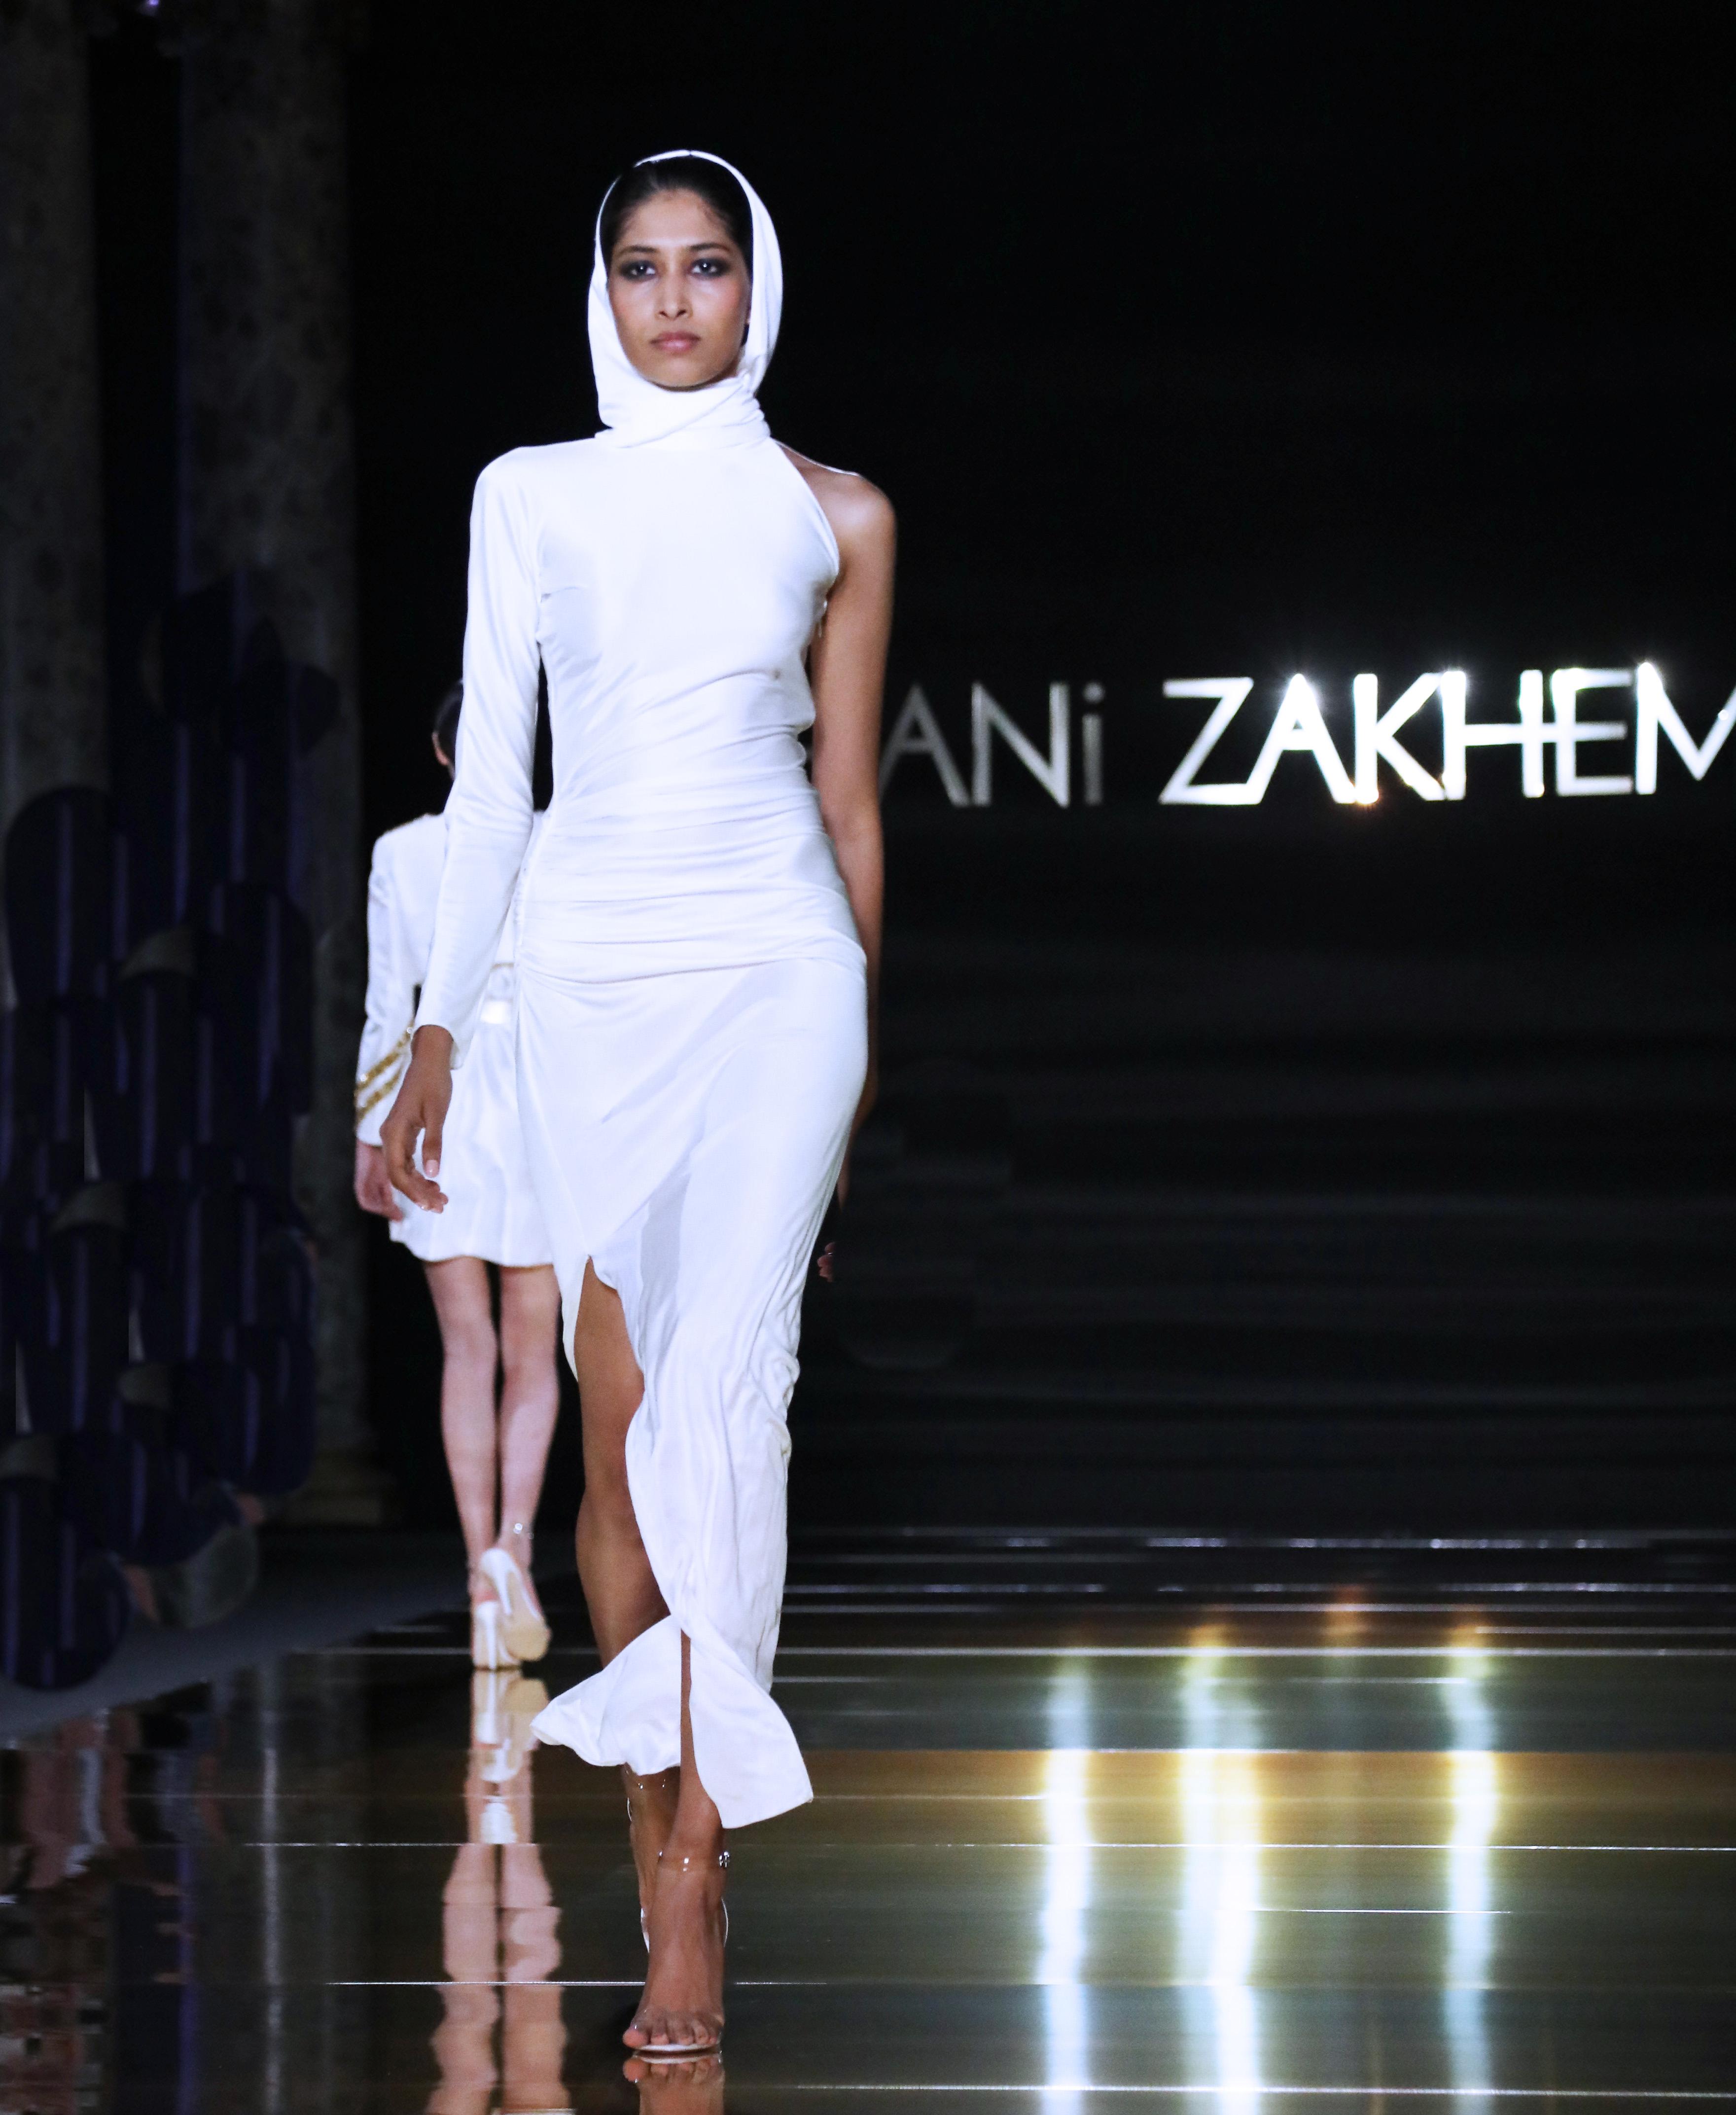 Rani Zakhem101